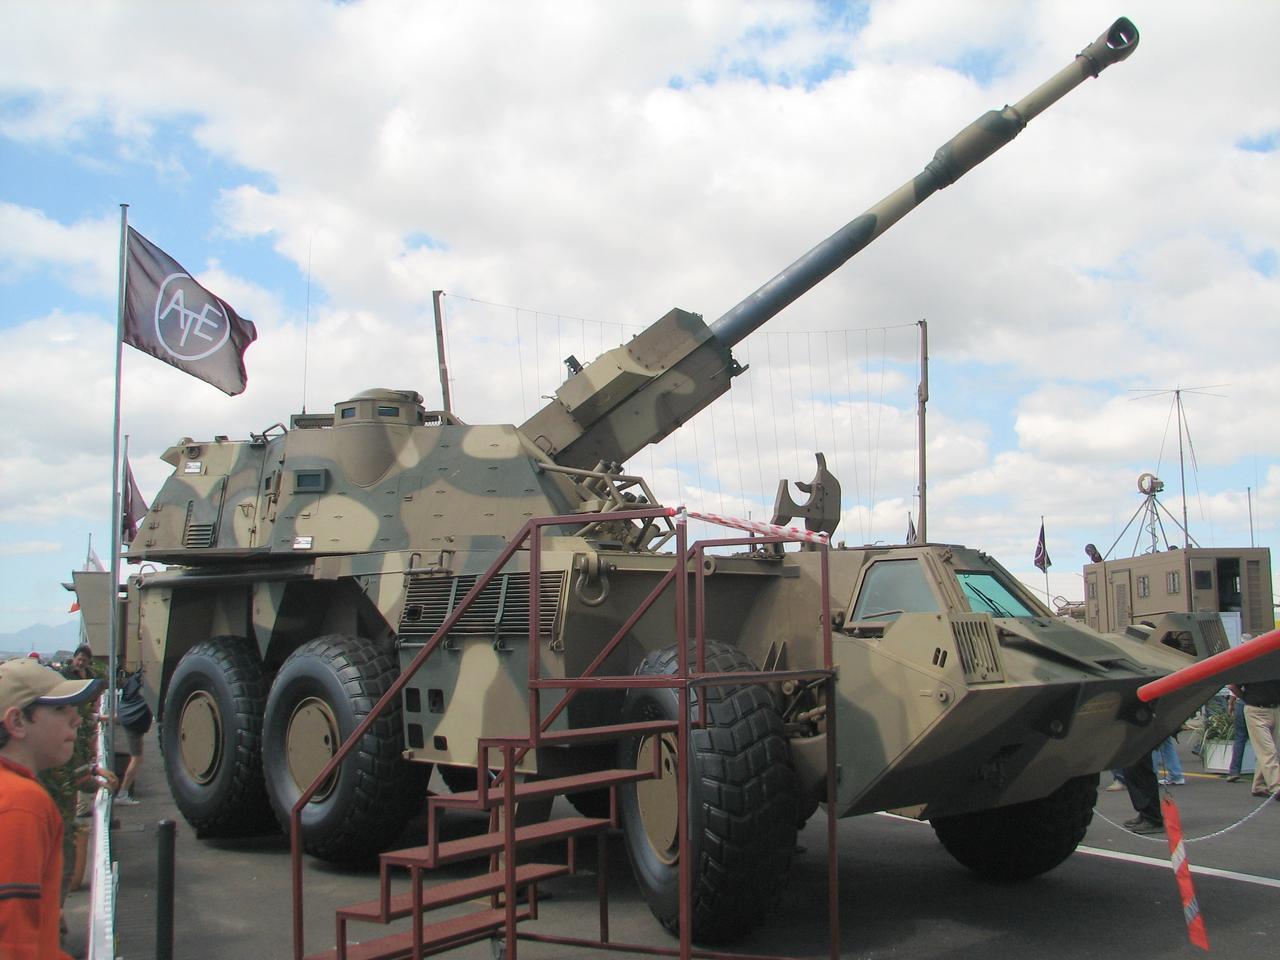 مدفع ZUZANA 2  الذاتي الحركه عيار 155 ملم من شركة DMD GROUP السلوفاكيه  Denel_G6-45_Ysterplaat_Airshow_2006